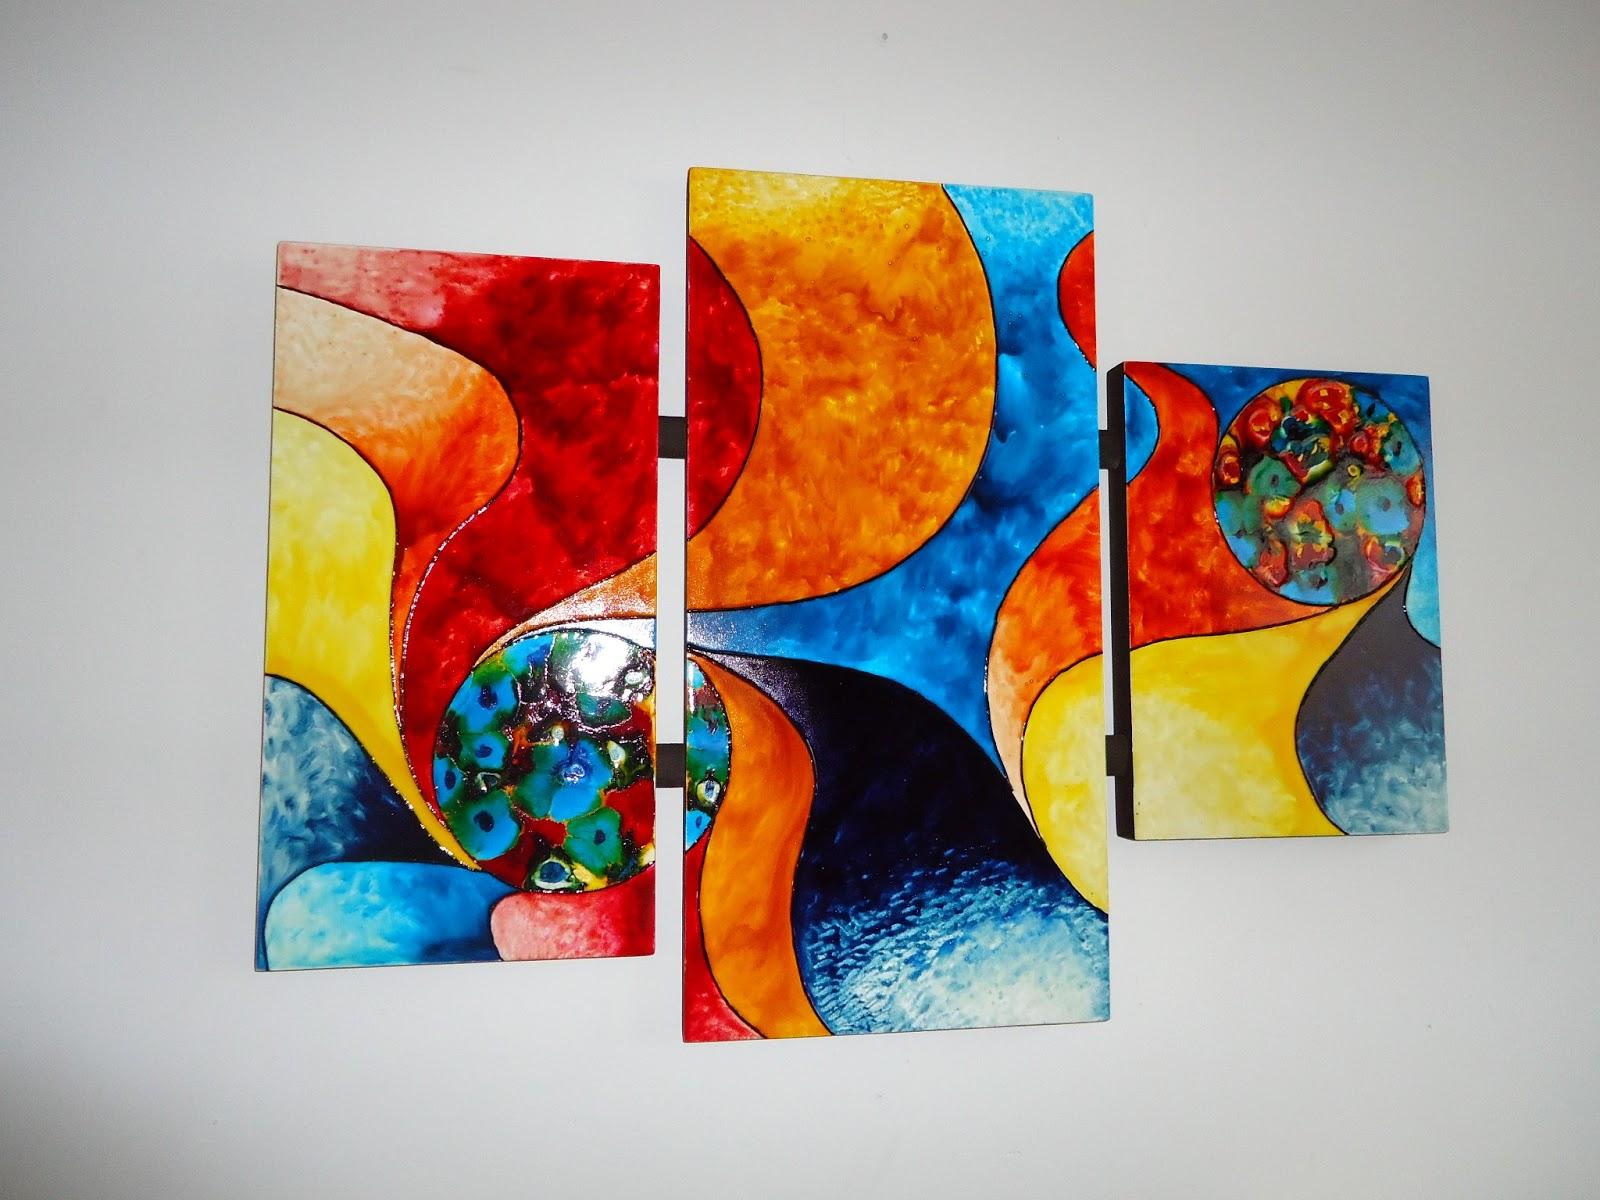 Artes y manualidades cuadros abstractos for Fotos de cuadros abstractos sencillos